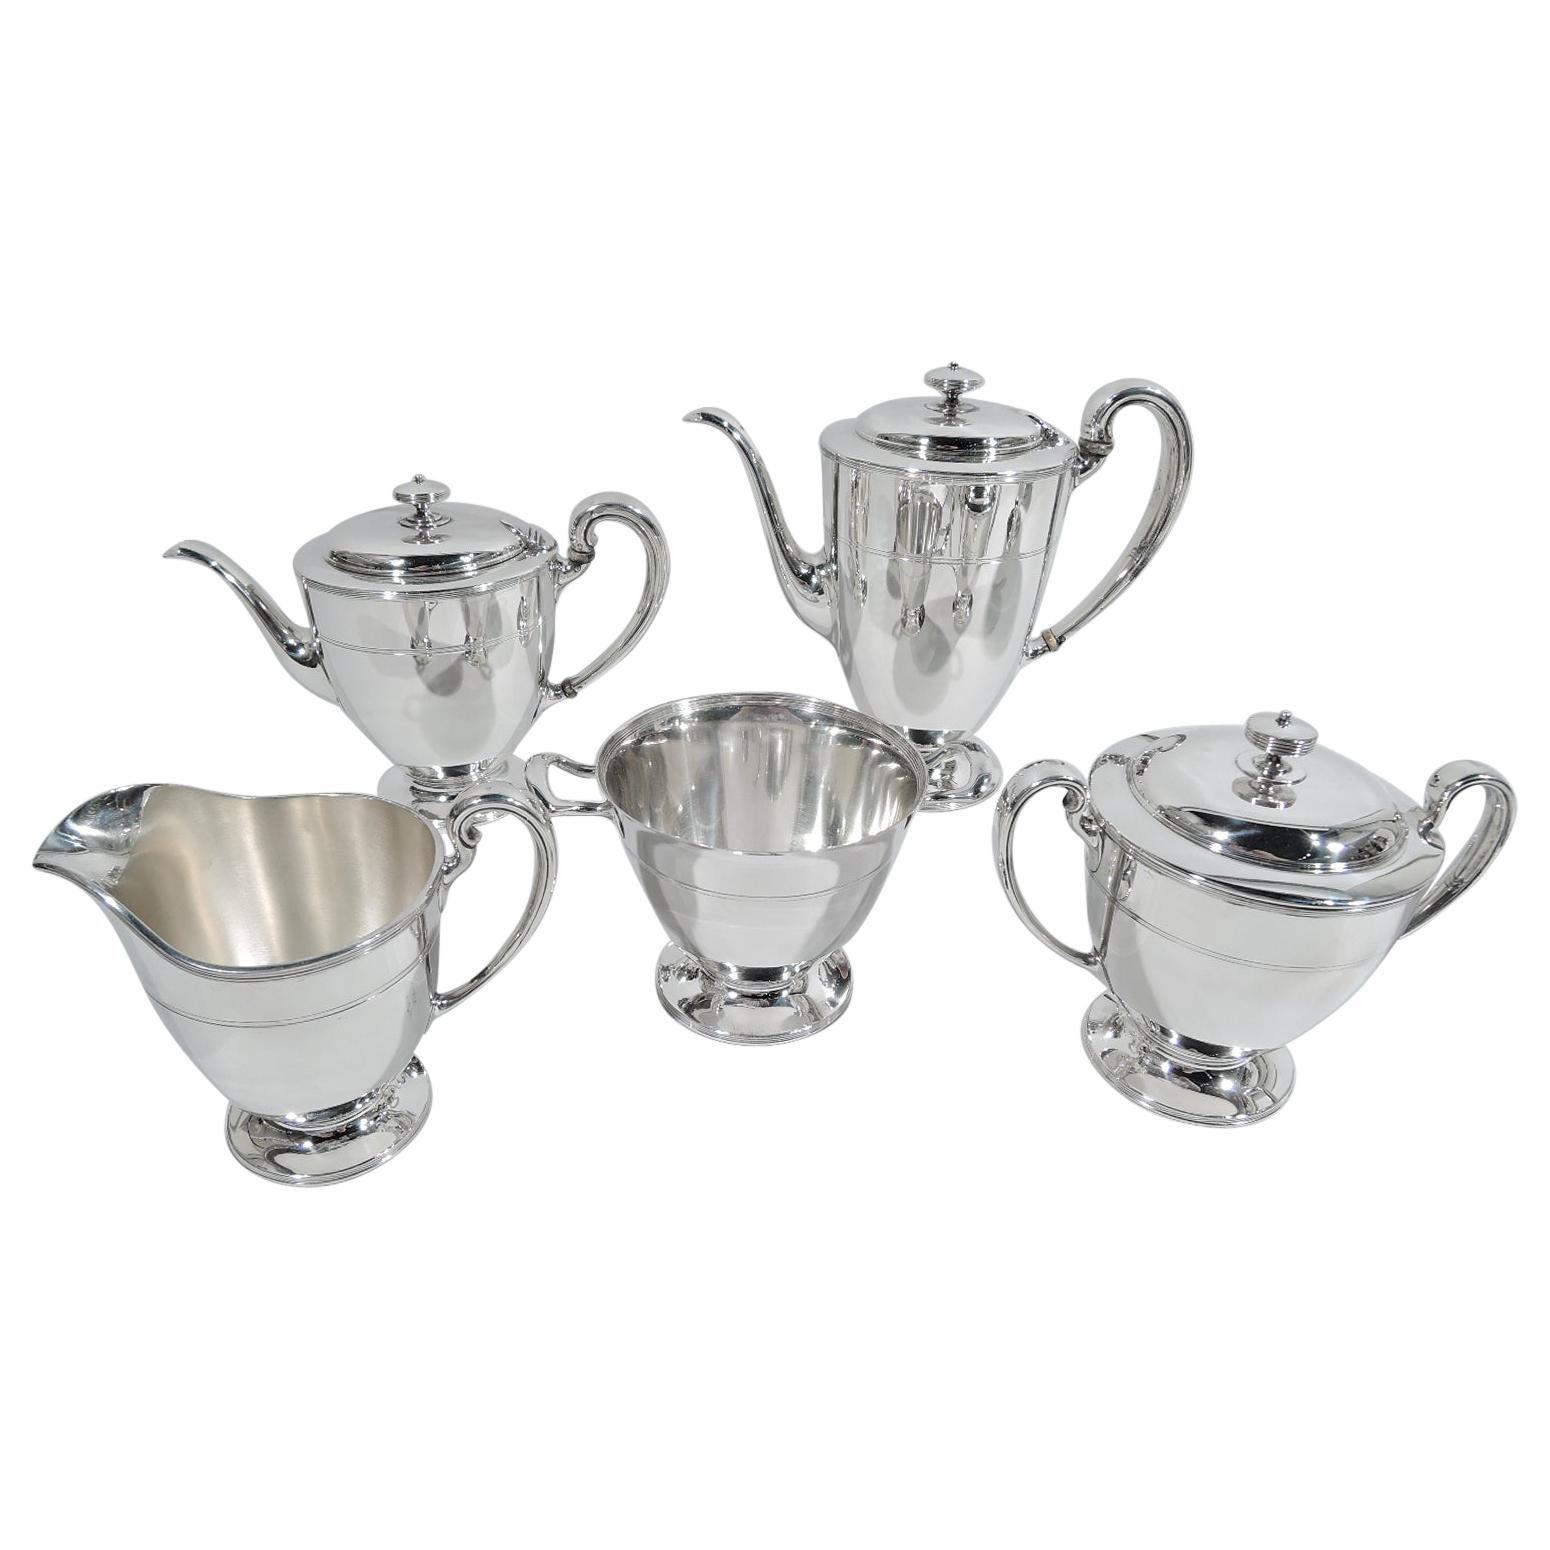 Stylish Tiffany Edwardian Modern Sterling Silver Coffee & Tea Set